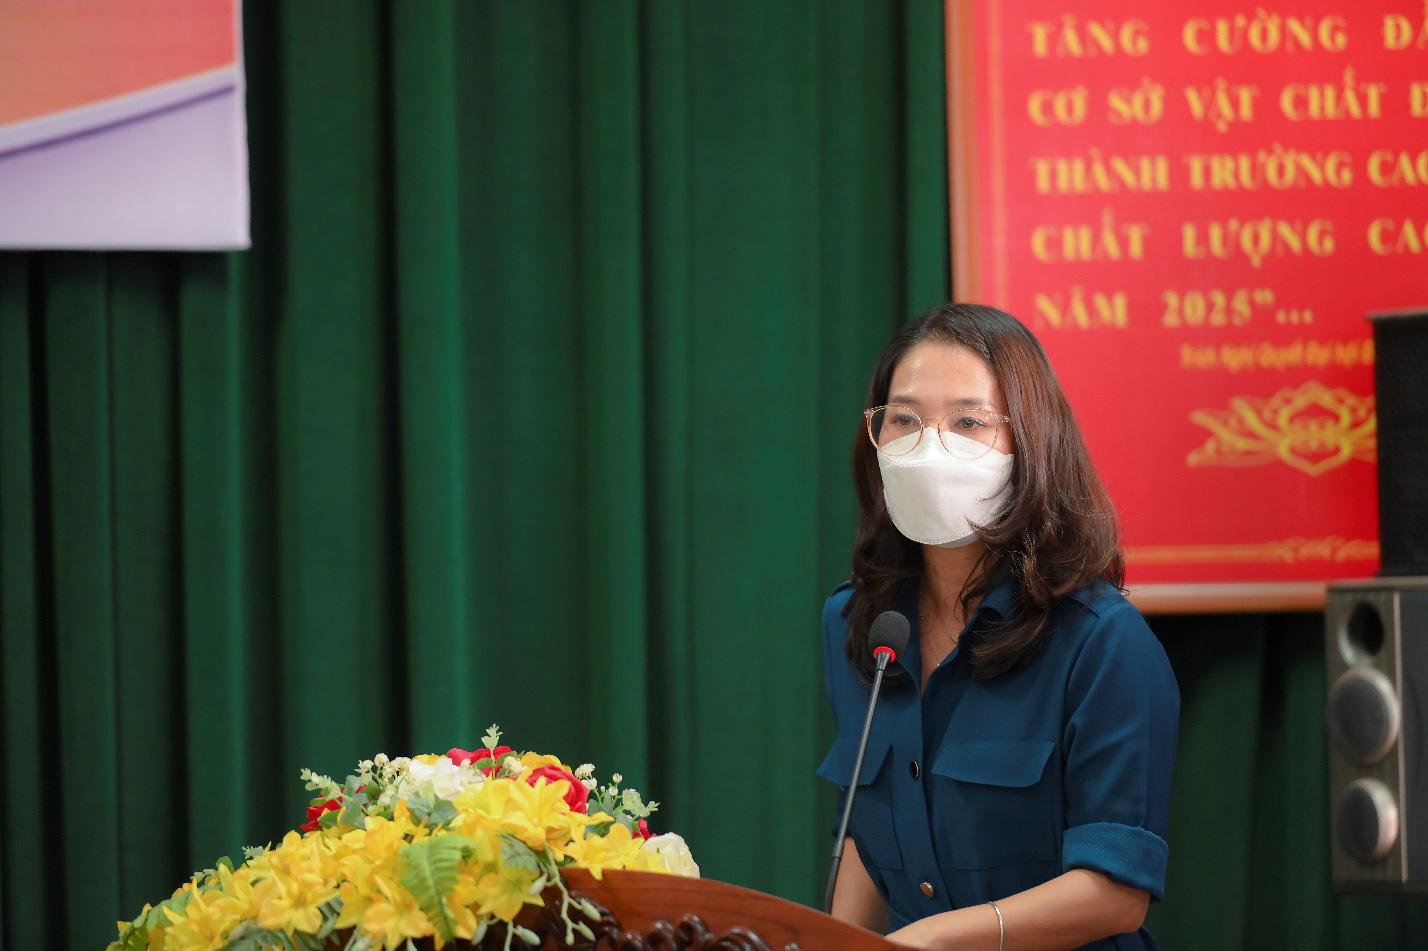 Honda Việt Nam trao tặng xe và thiết bị kỹ thuật cho trường nghề tại Vĩnh Phúc và Hà Nam - Ảnh 2.